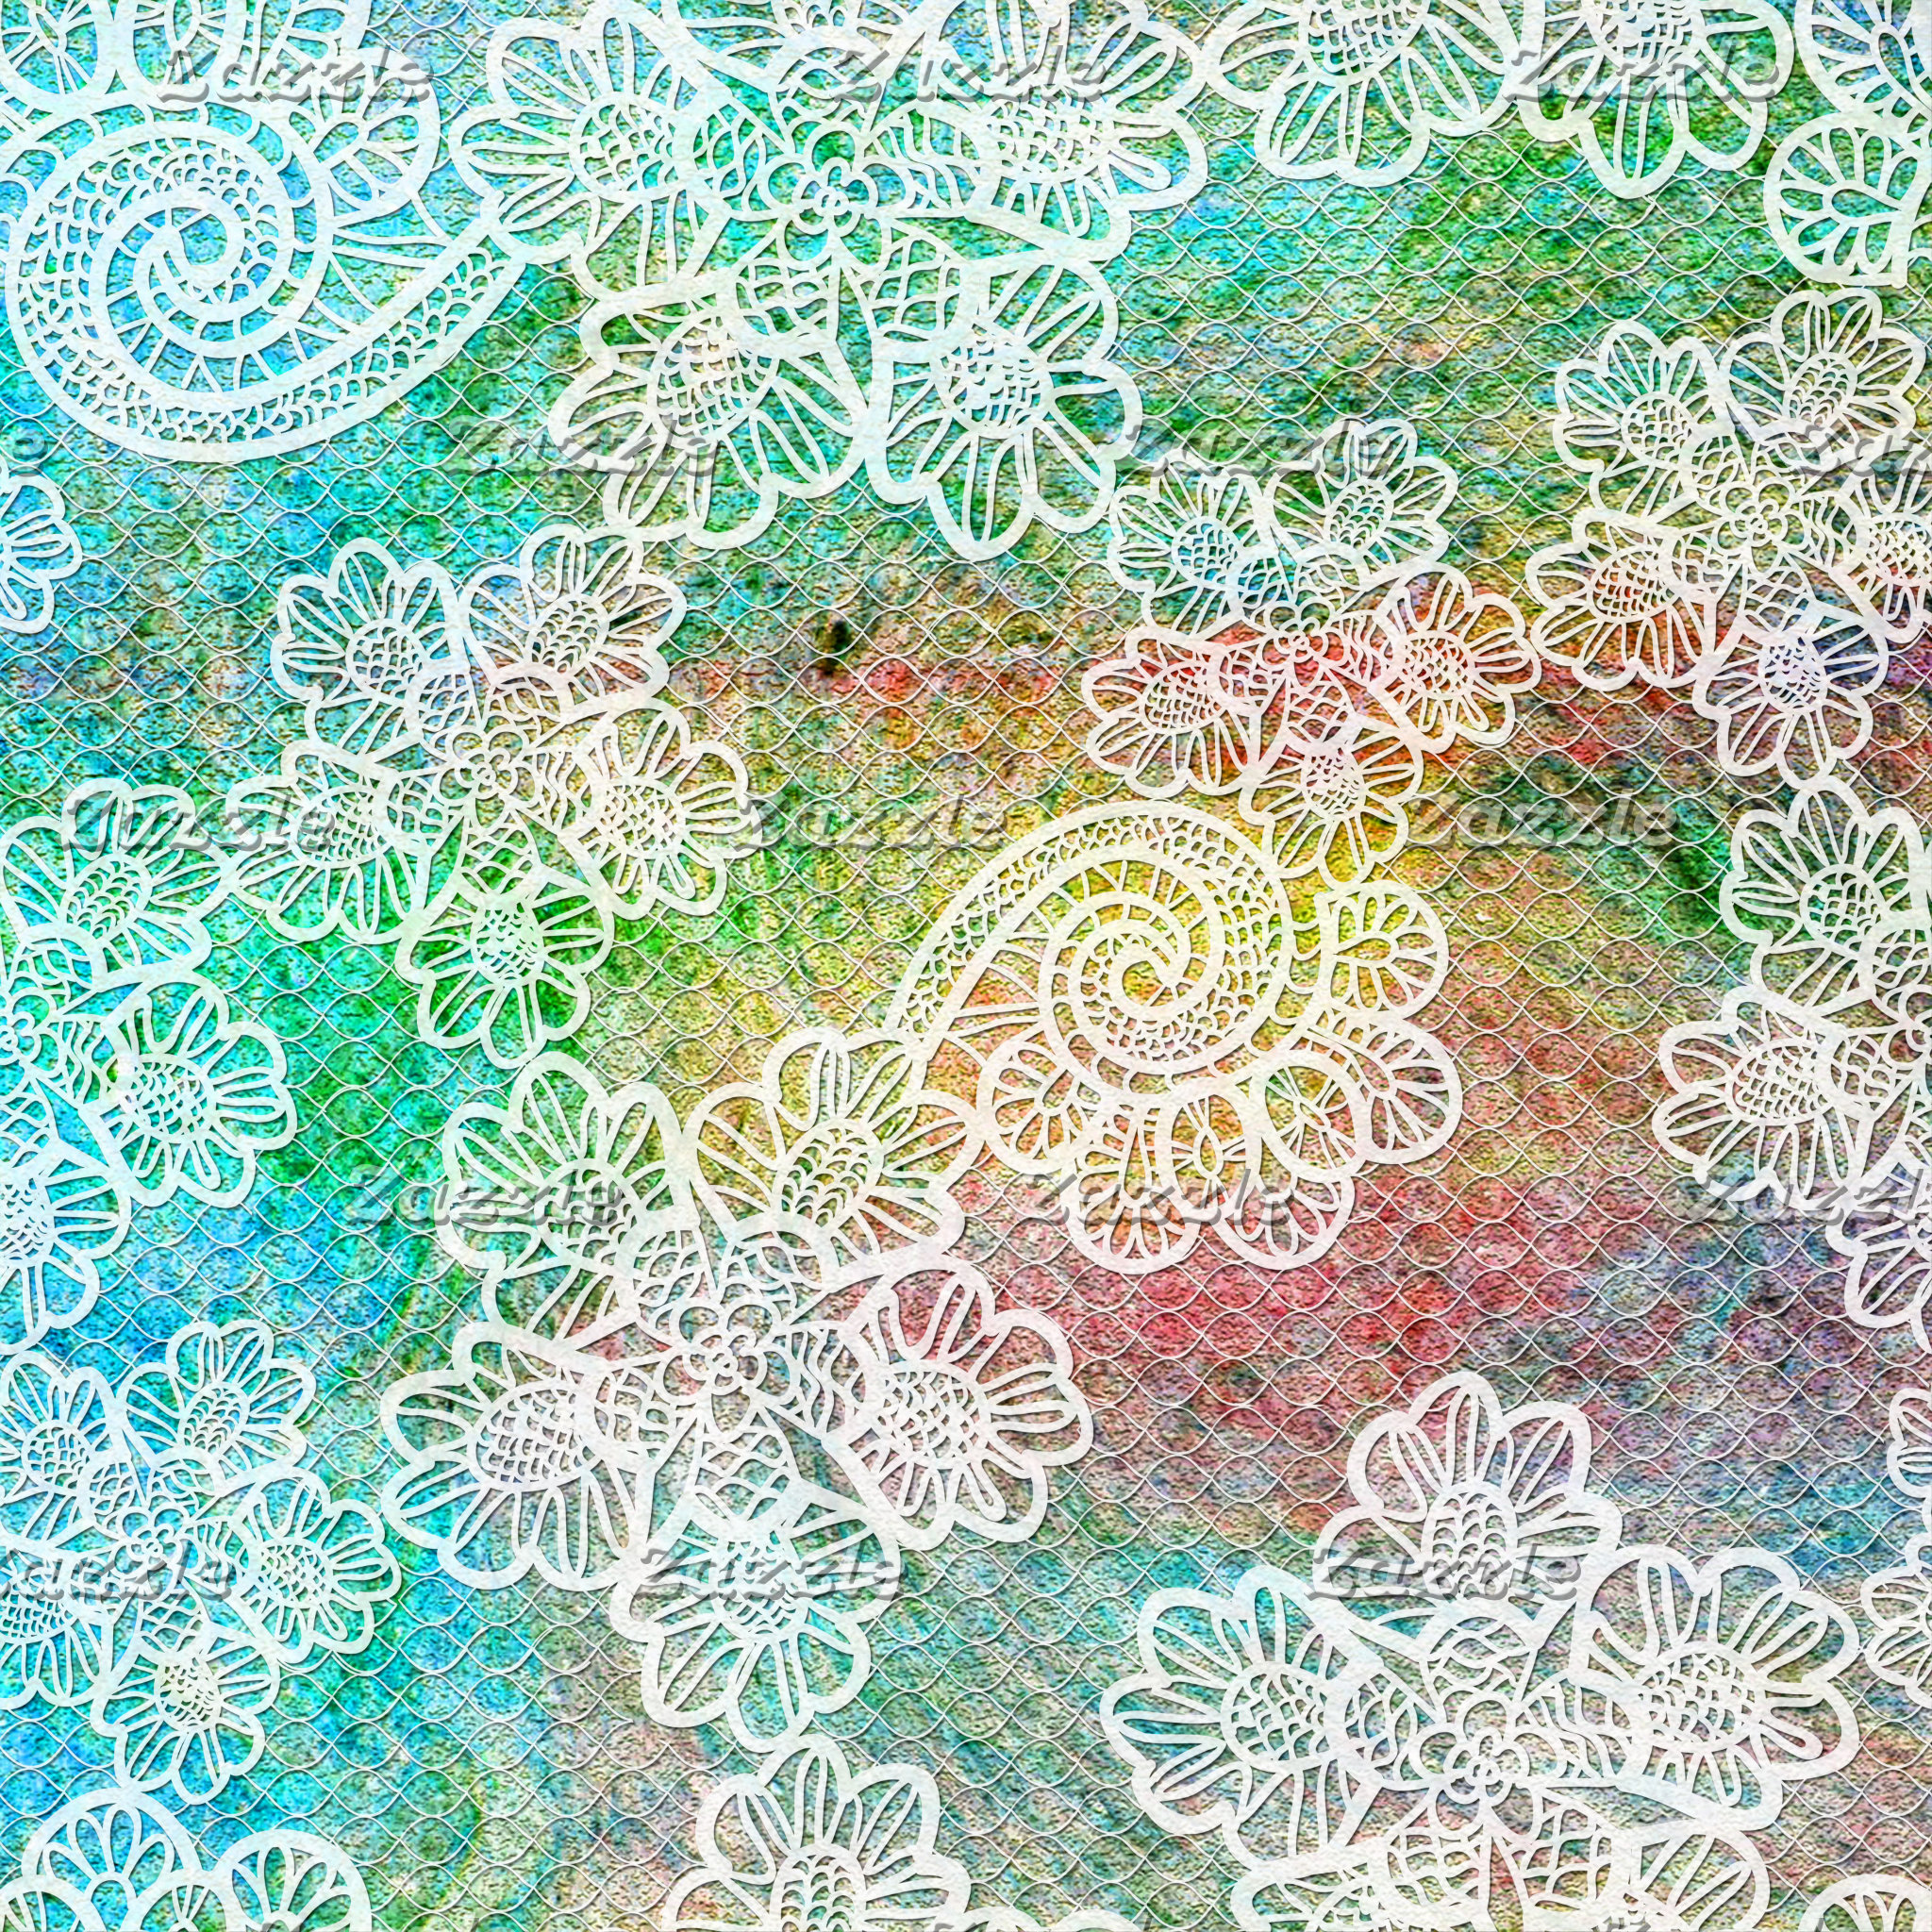 Lace Patterns